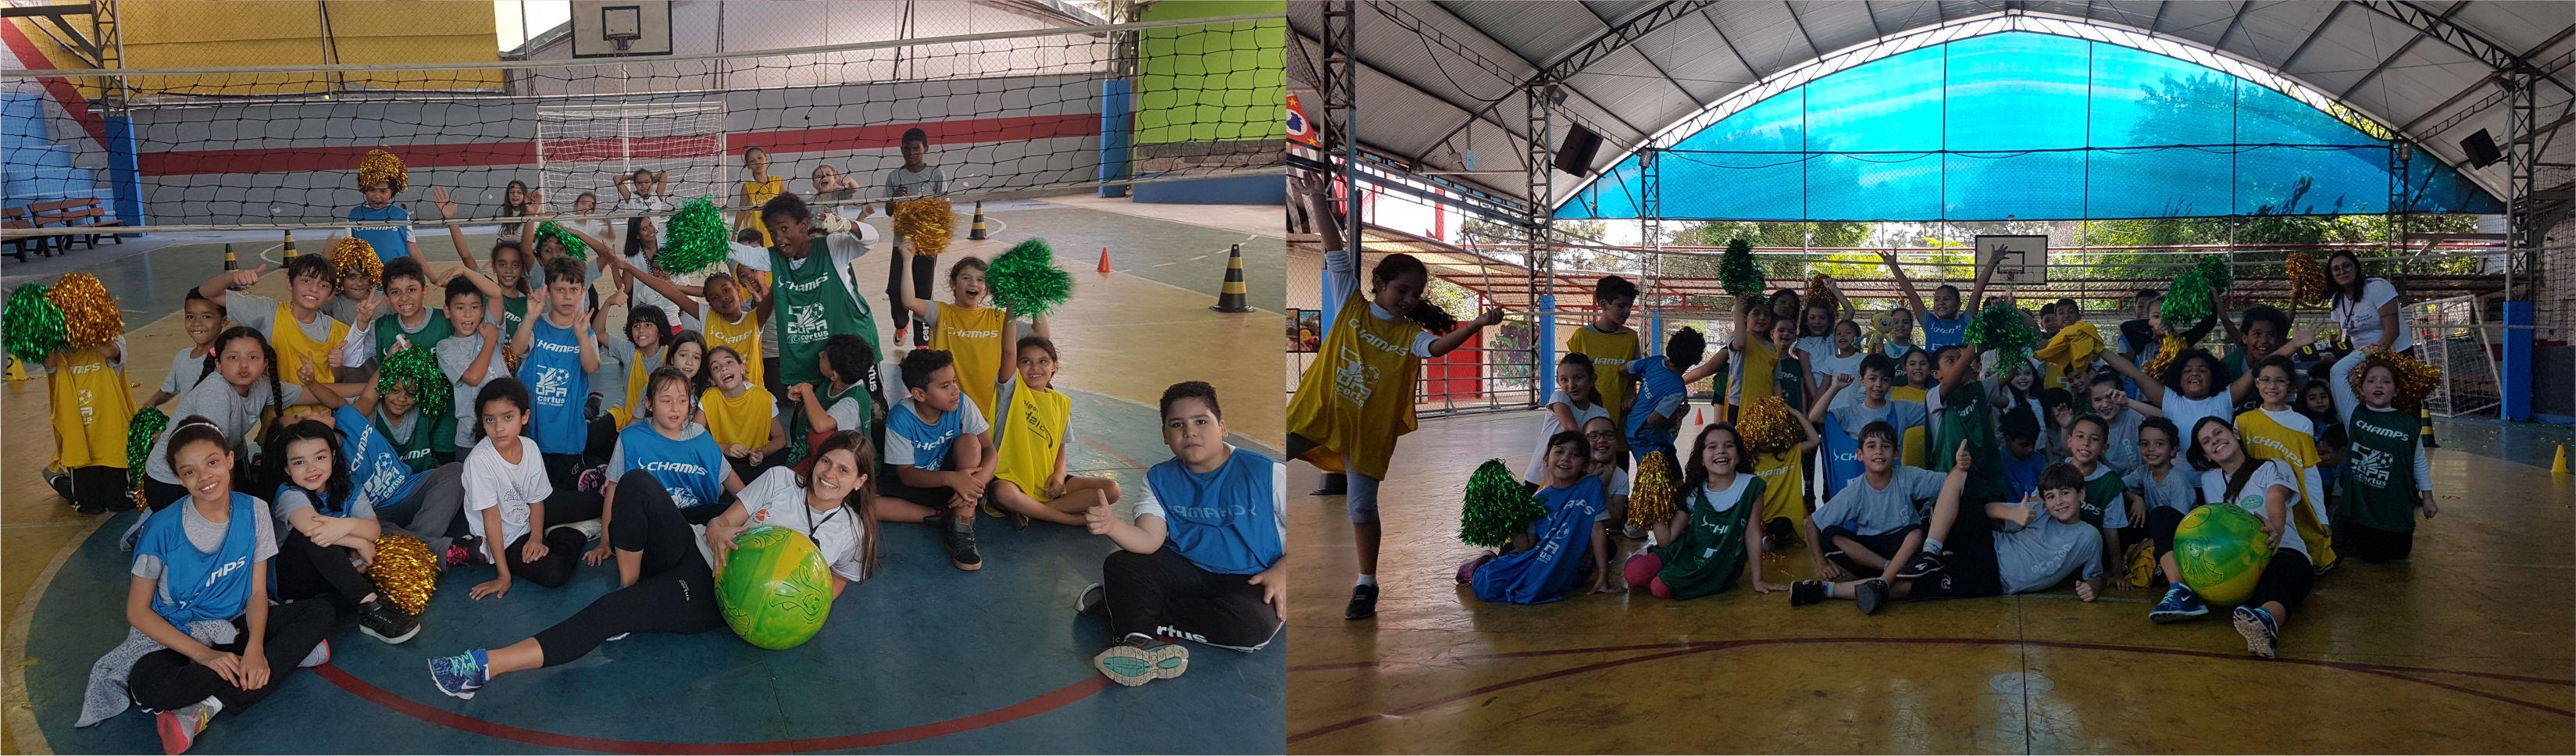 Coordenação motora e cognitiva e habilidade específica são desenvolvidas nas aulas de educação física do fundamental no Certus com jogo de volêi